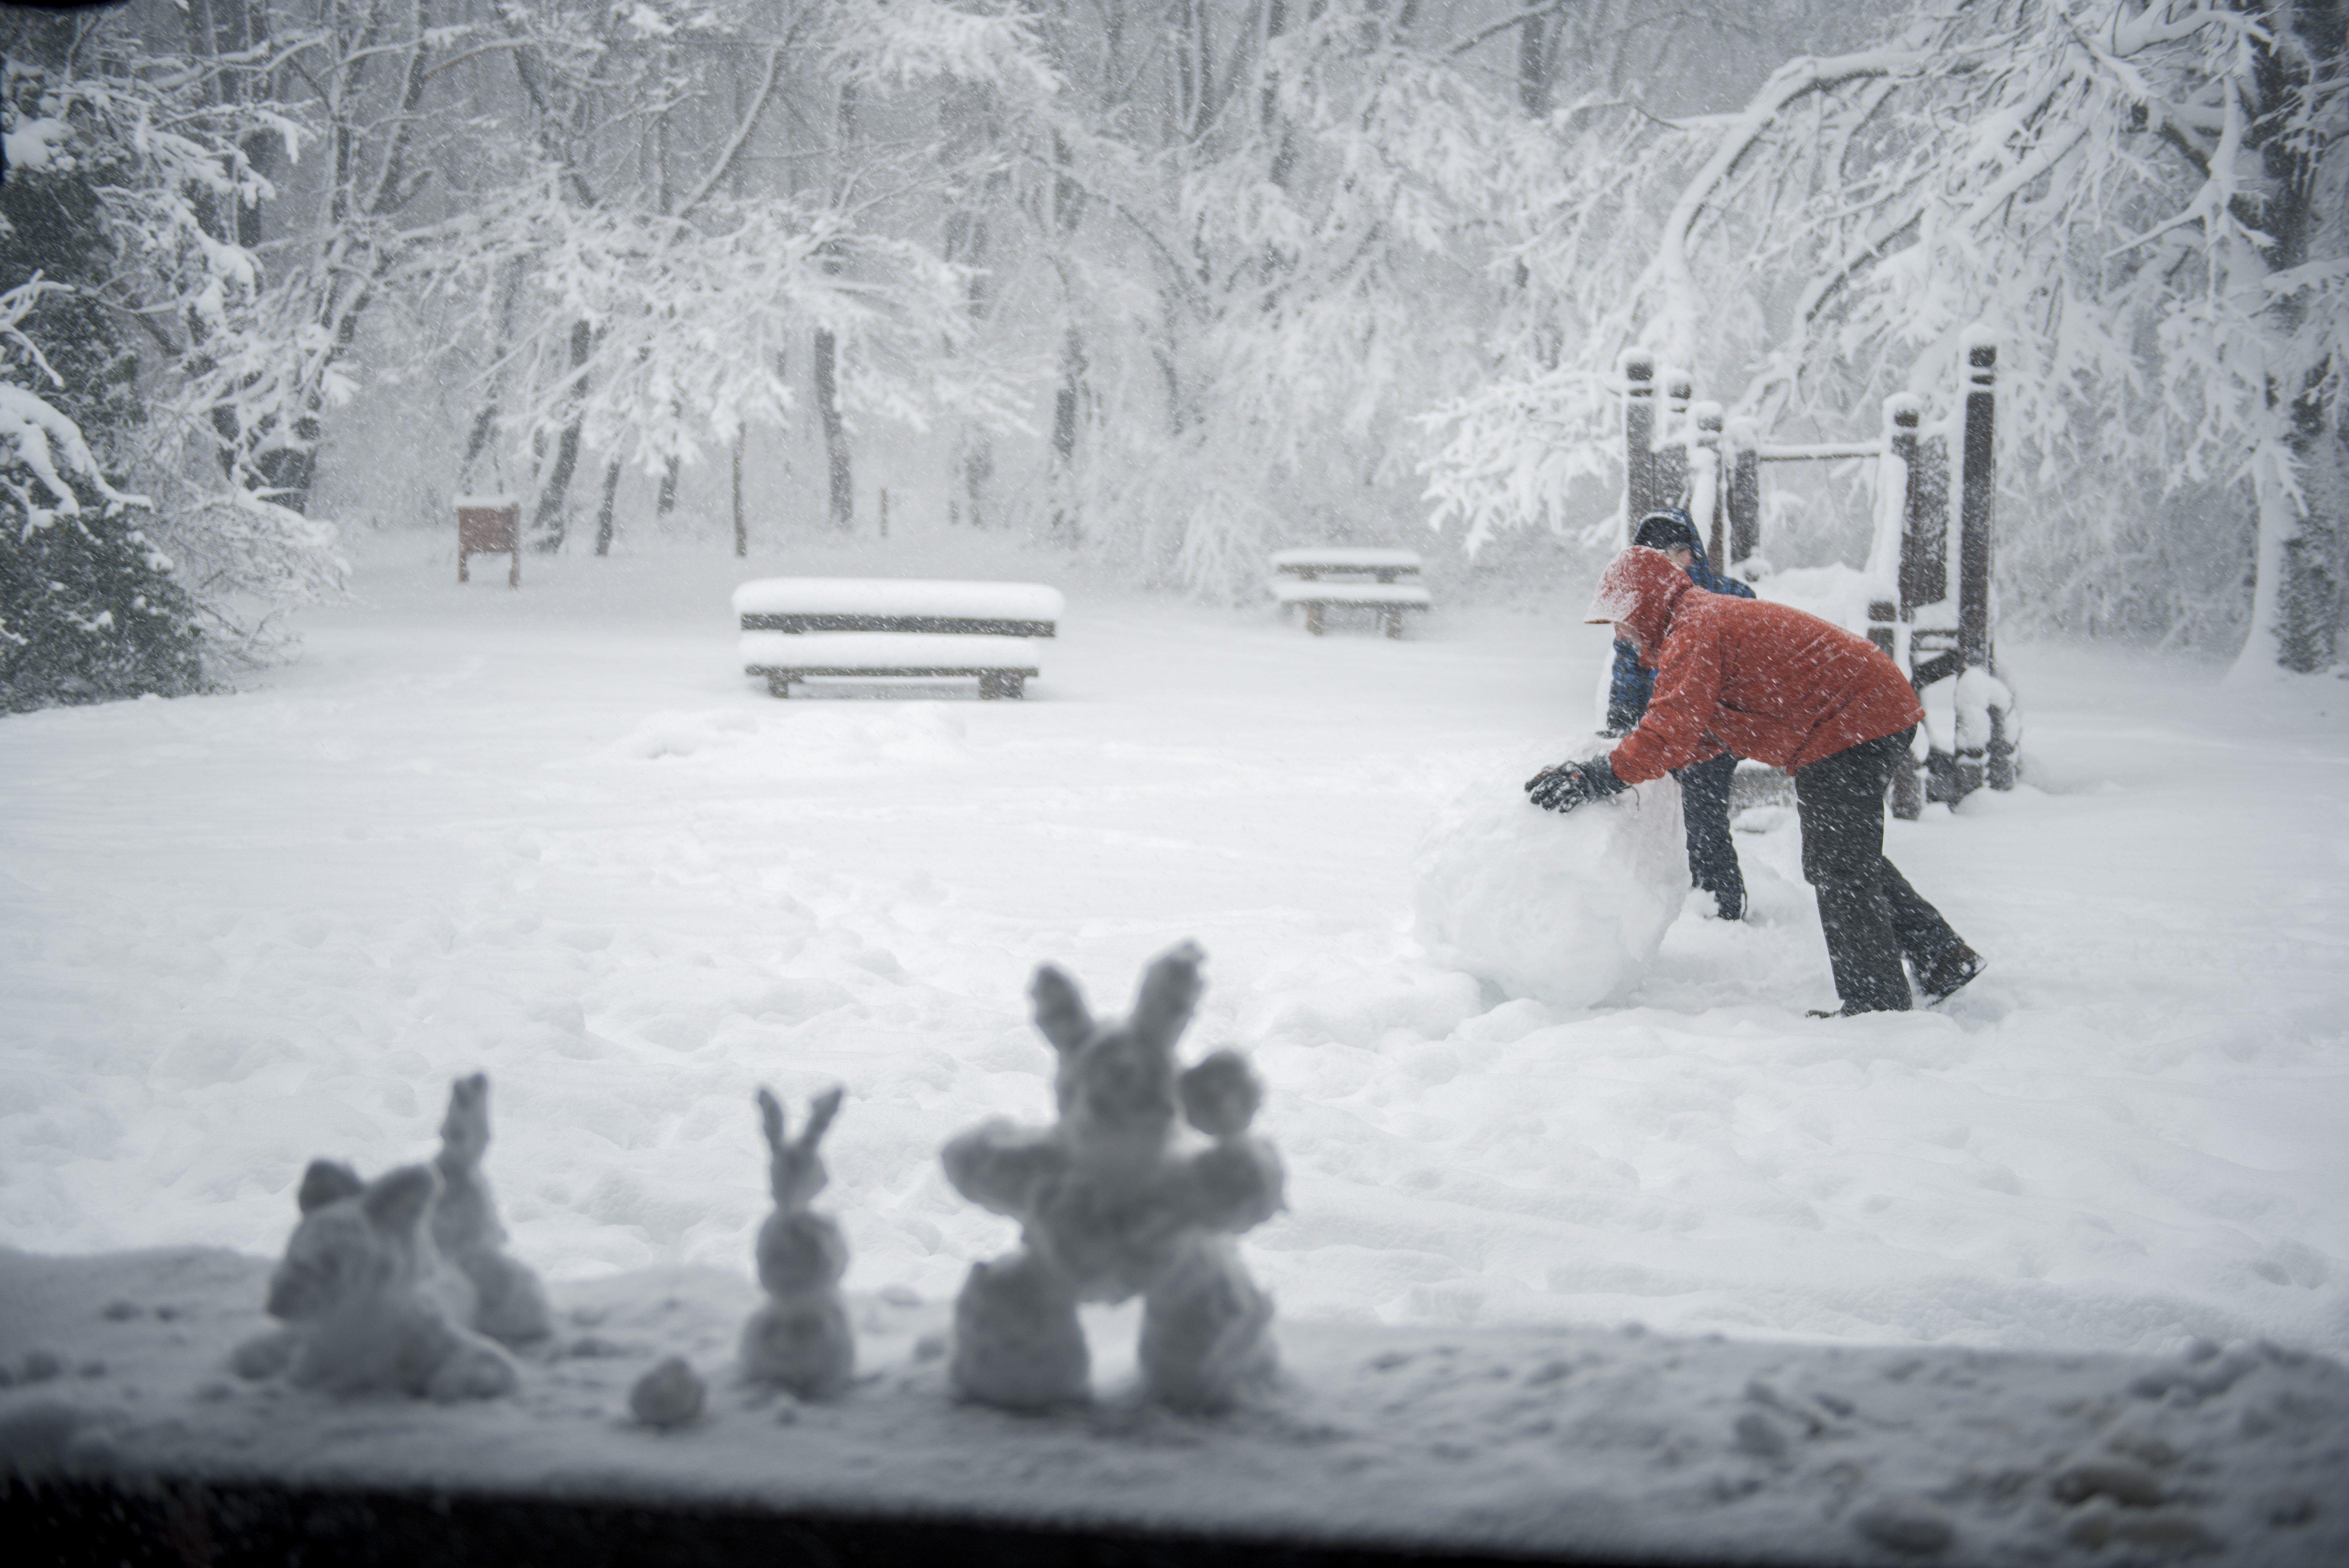 Önnél esik vagy havazik? A Mecsekben havazik